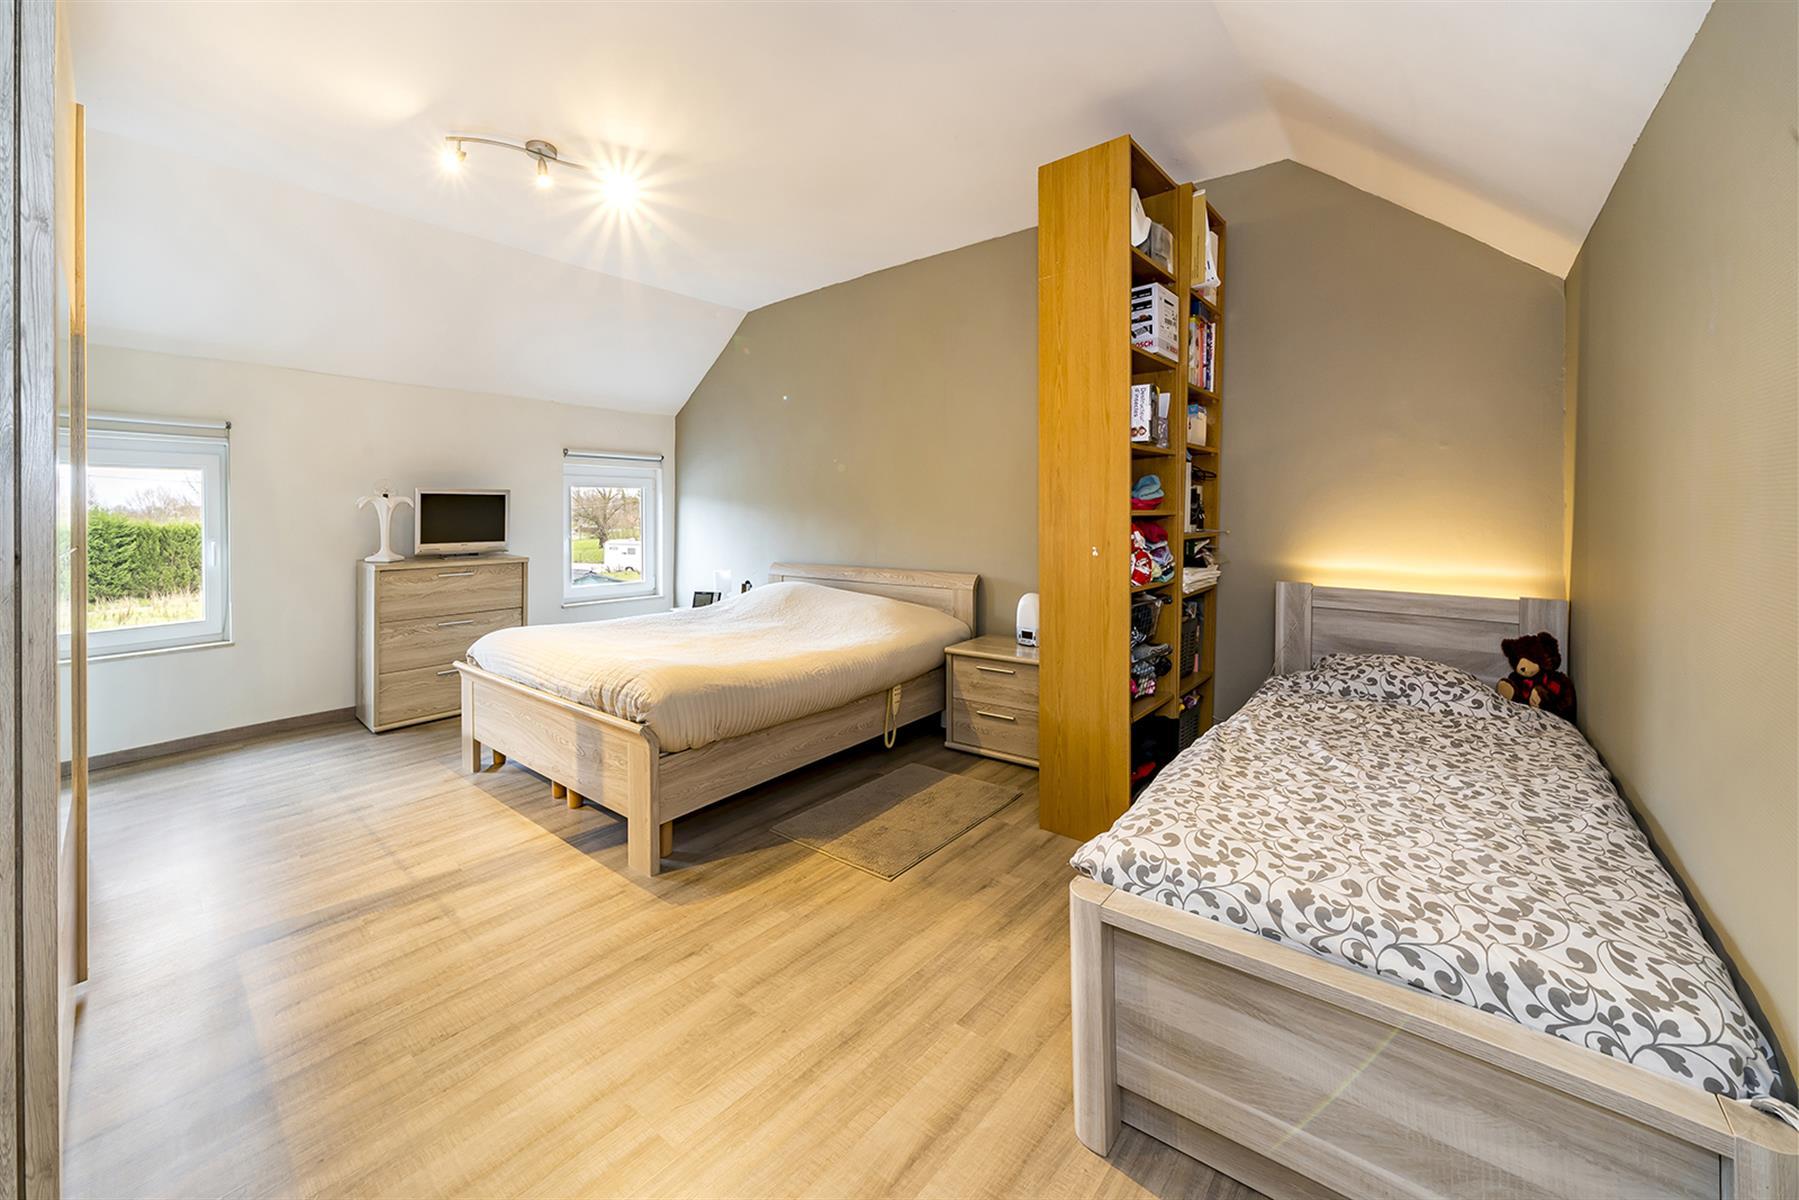 Maison - Saint-Georgessur-Meuse - #3638461-11